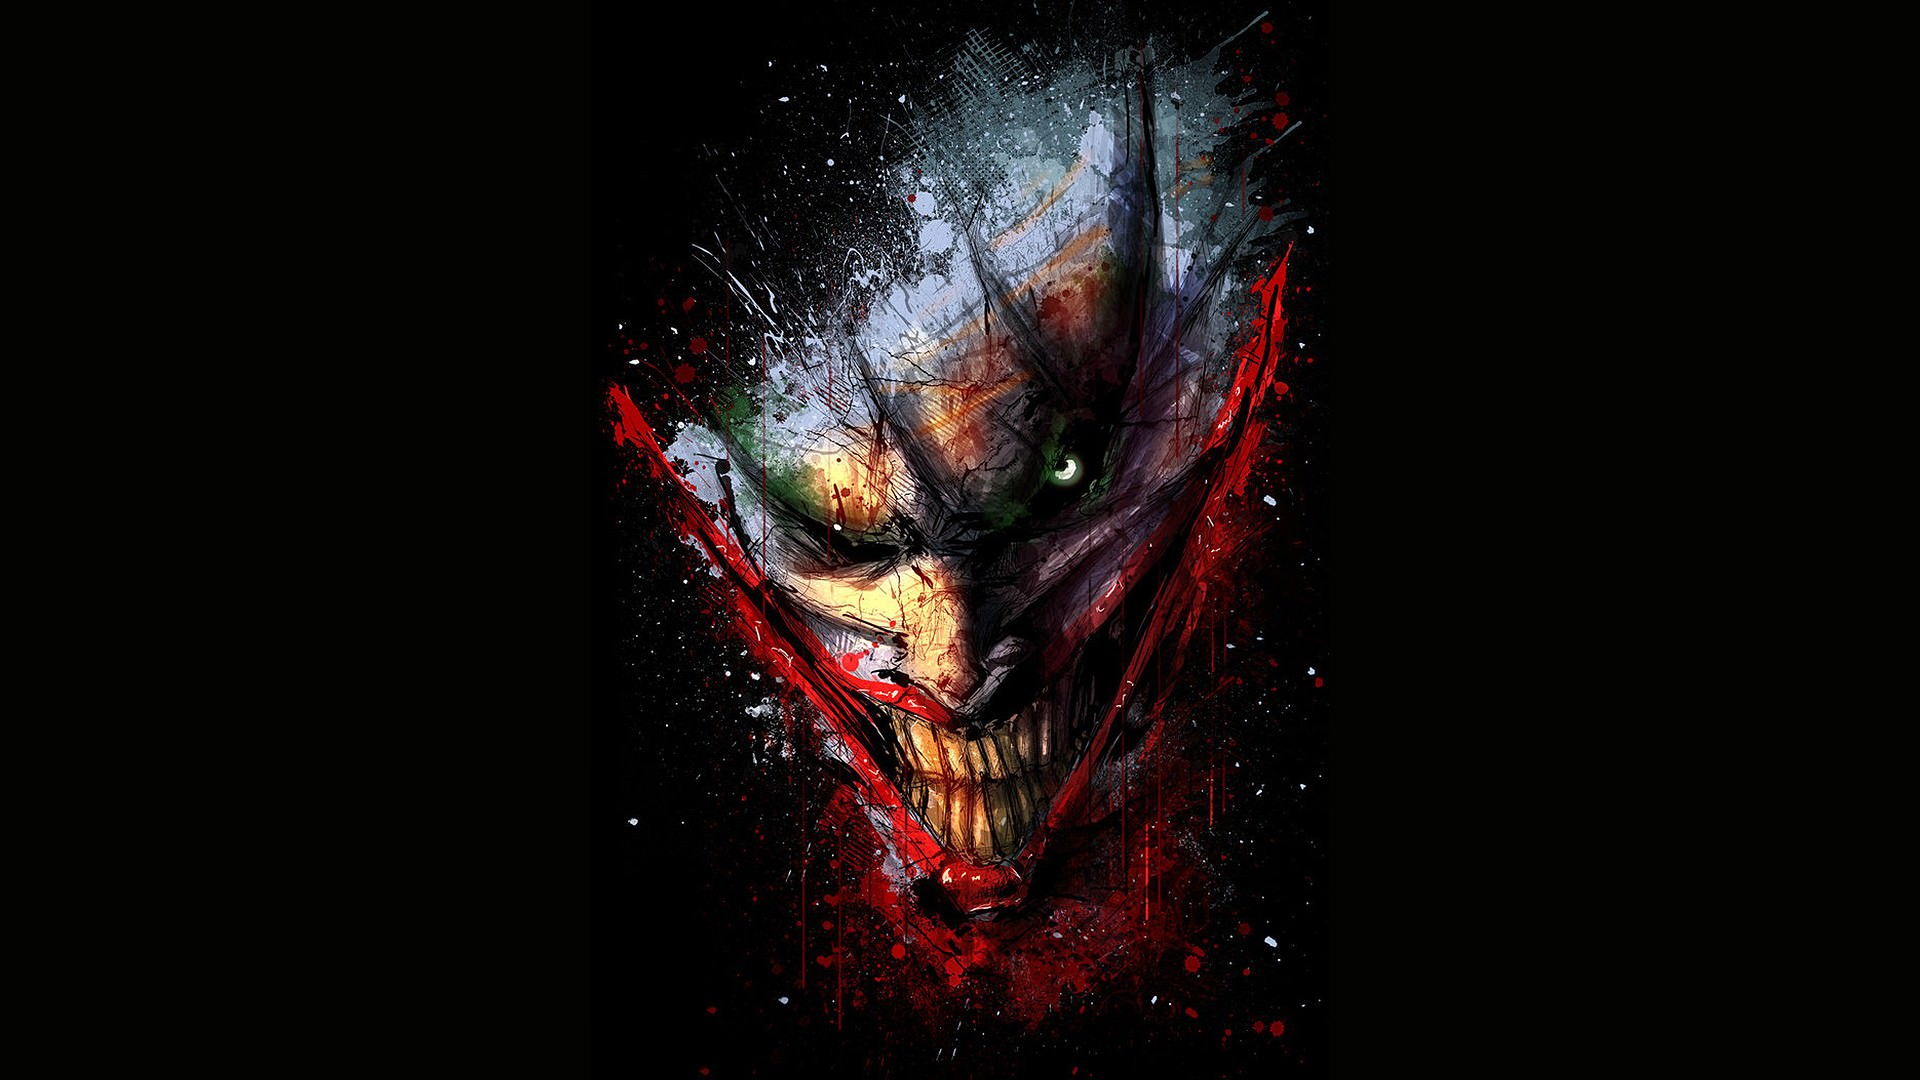 DigitalArtio DC Comics   The Joker Wallpaper DC Comics 1920x1080